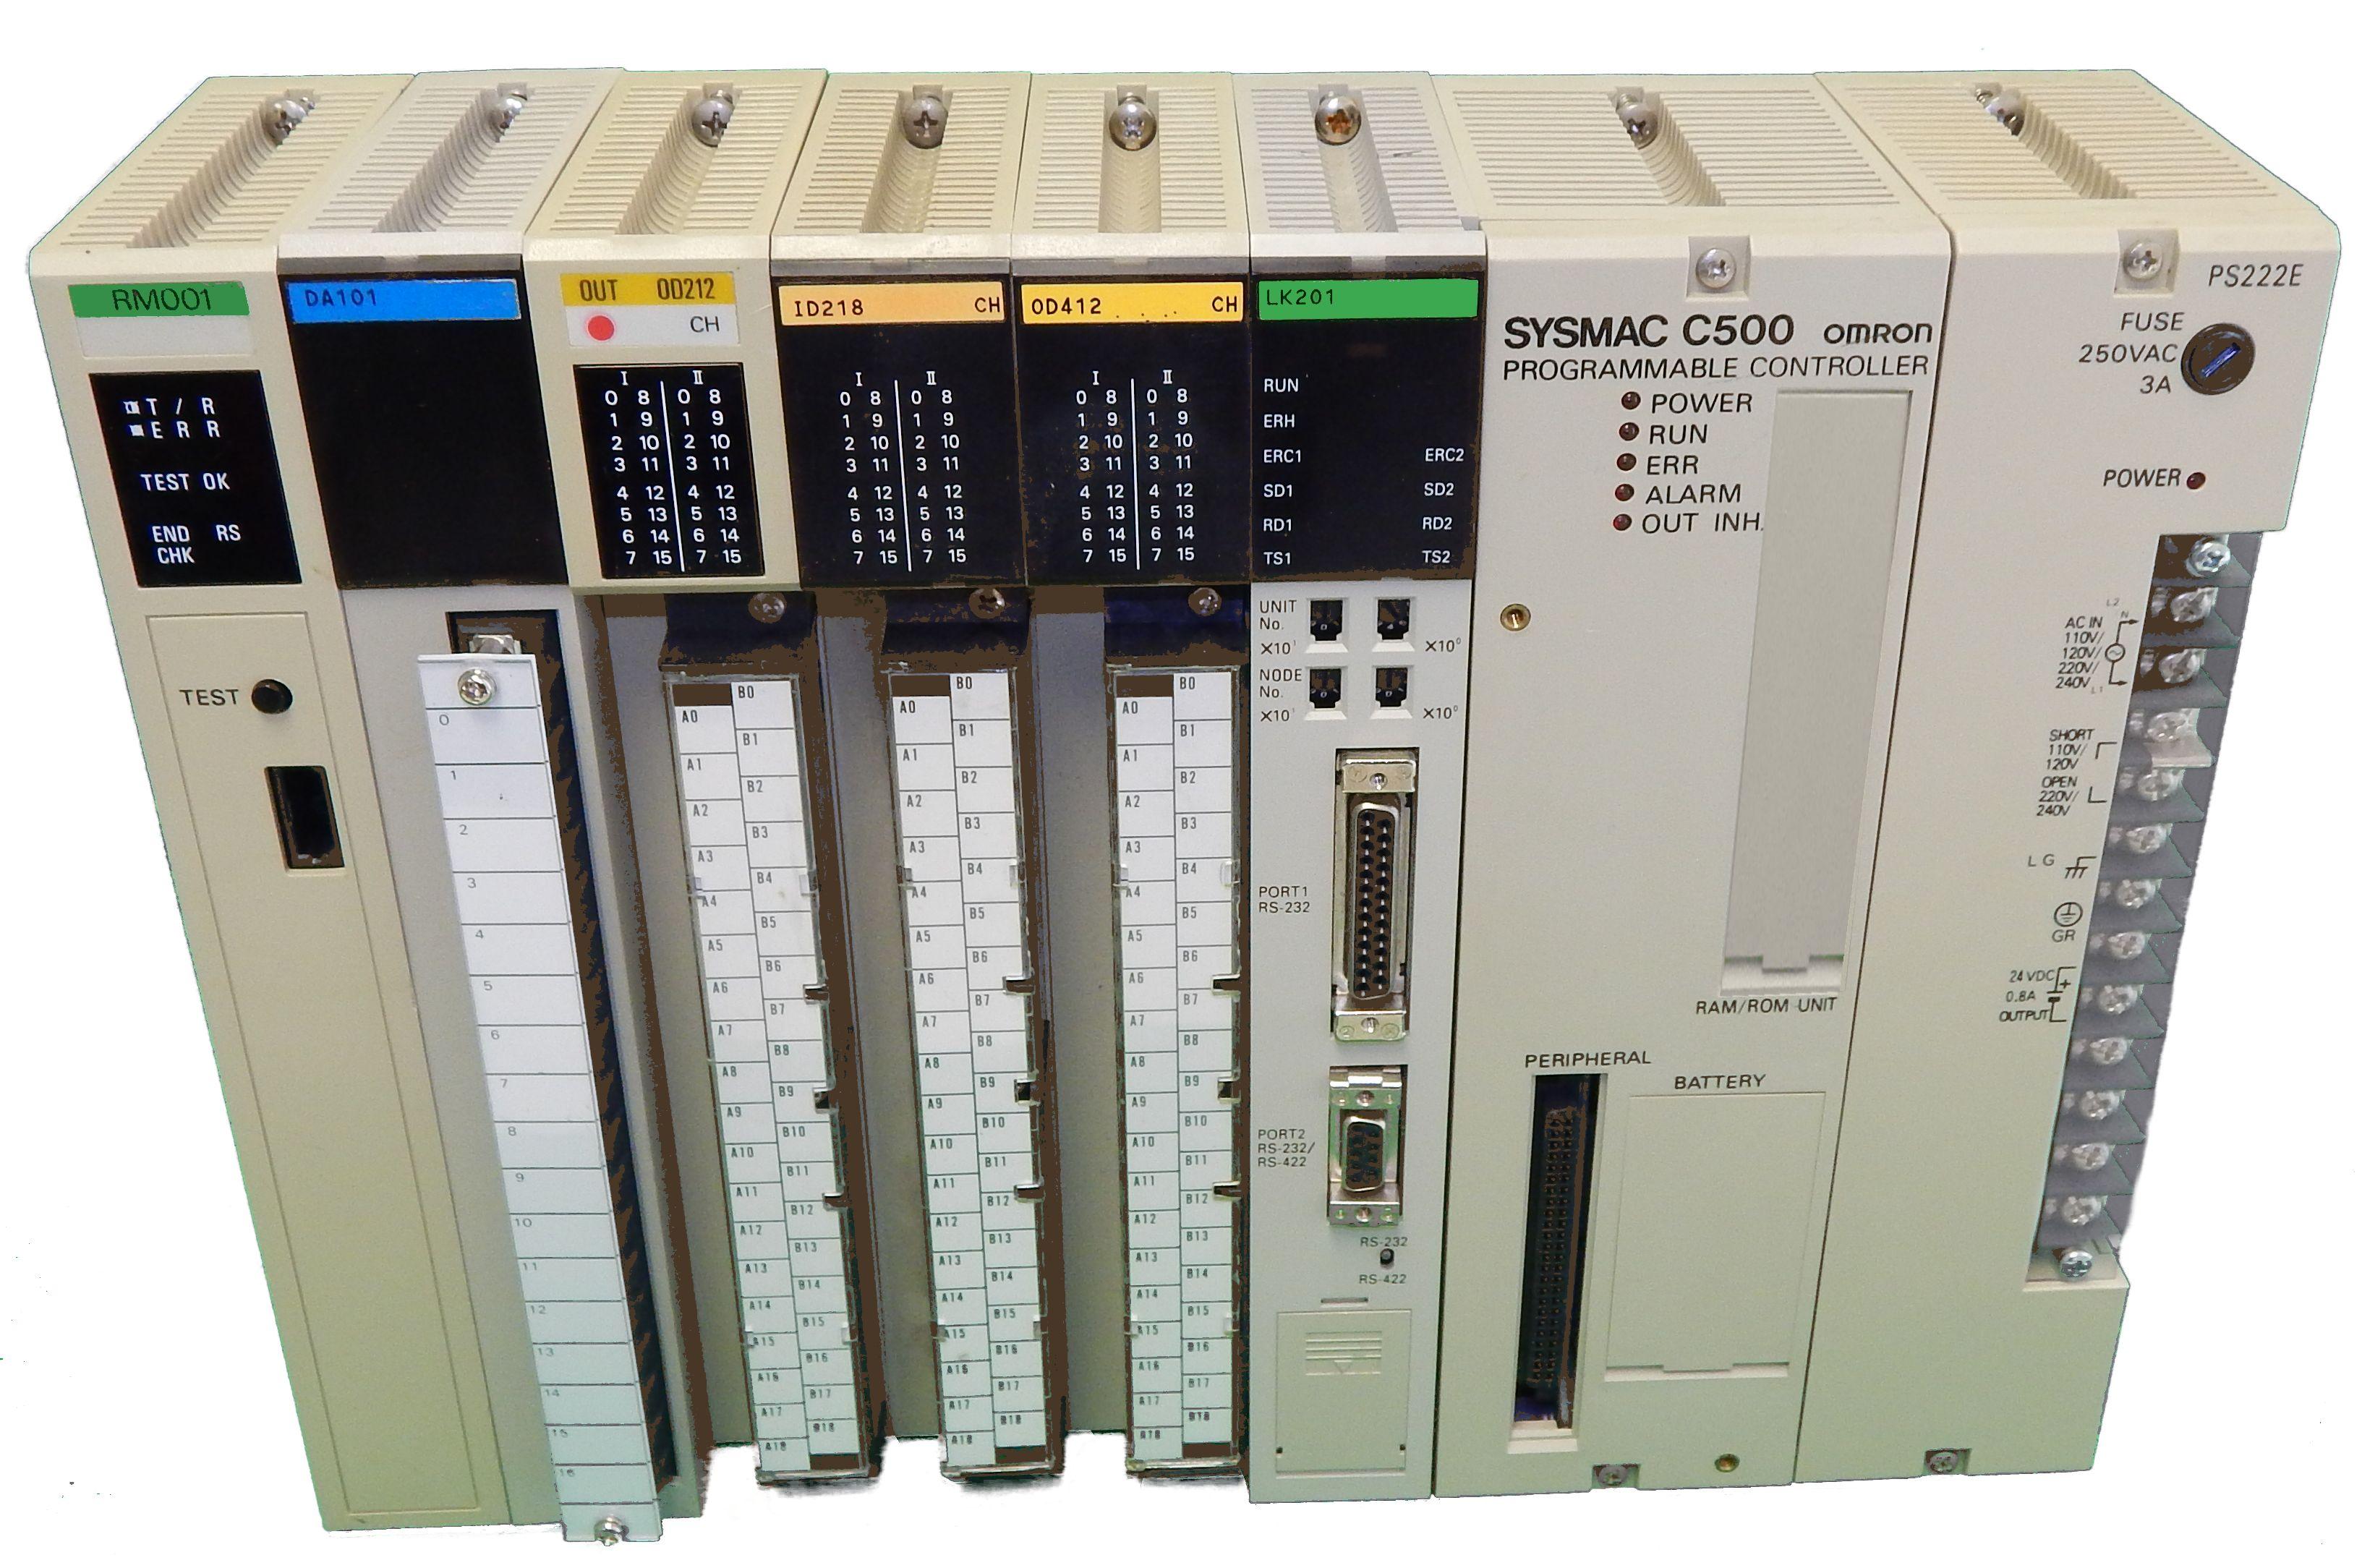 3G2A5-CPU11-E2V1